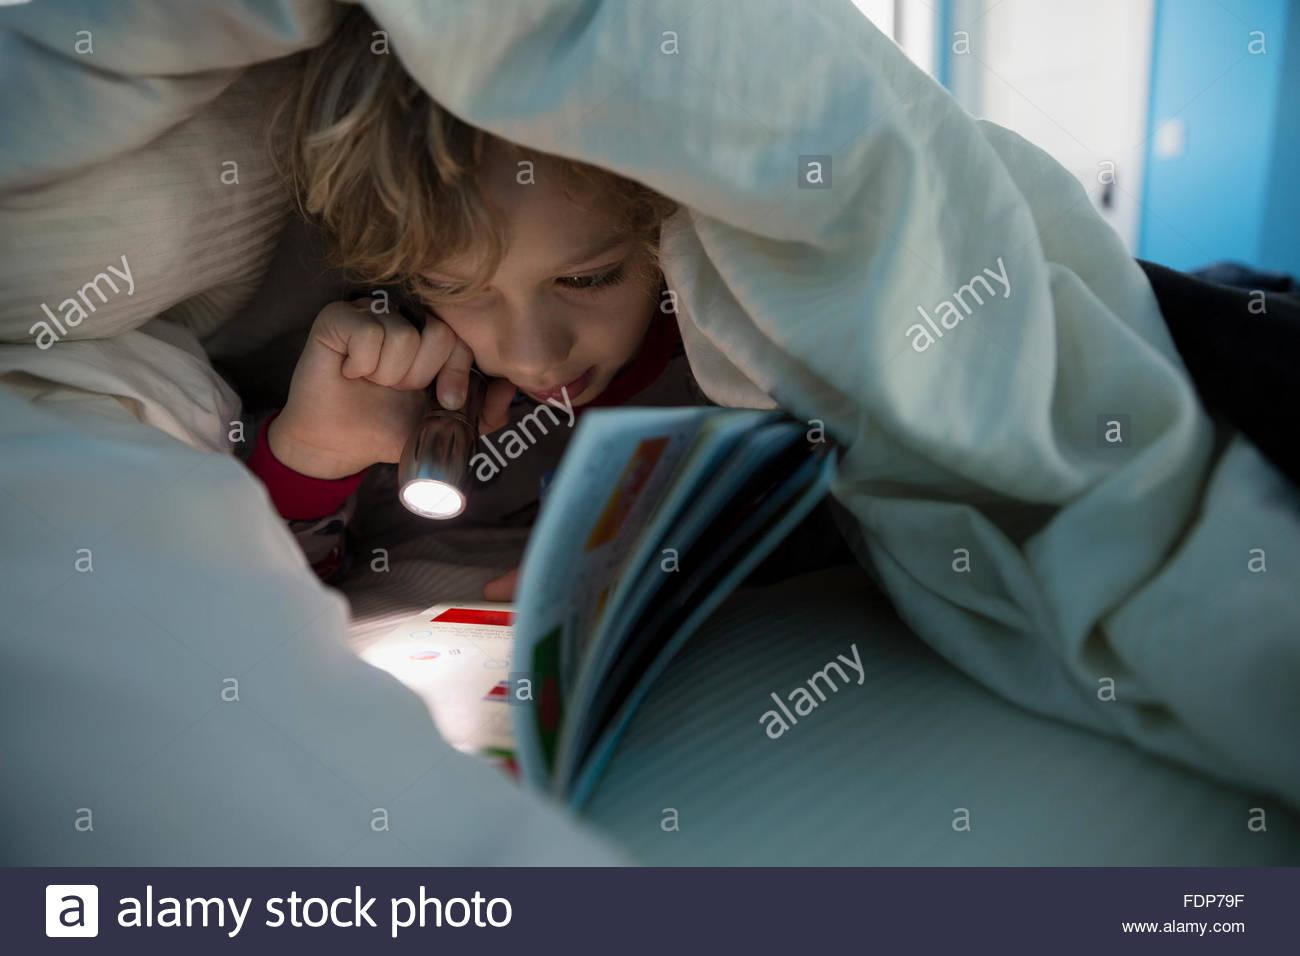 Ragazzo lettura prenota con la torcia elettrica sotto il piumino Immagini Stock